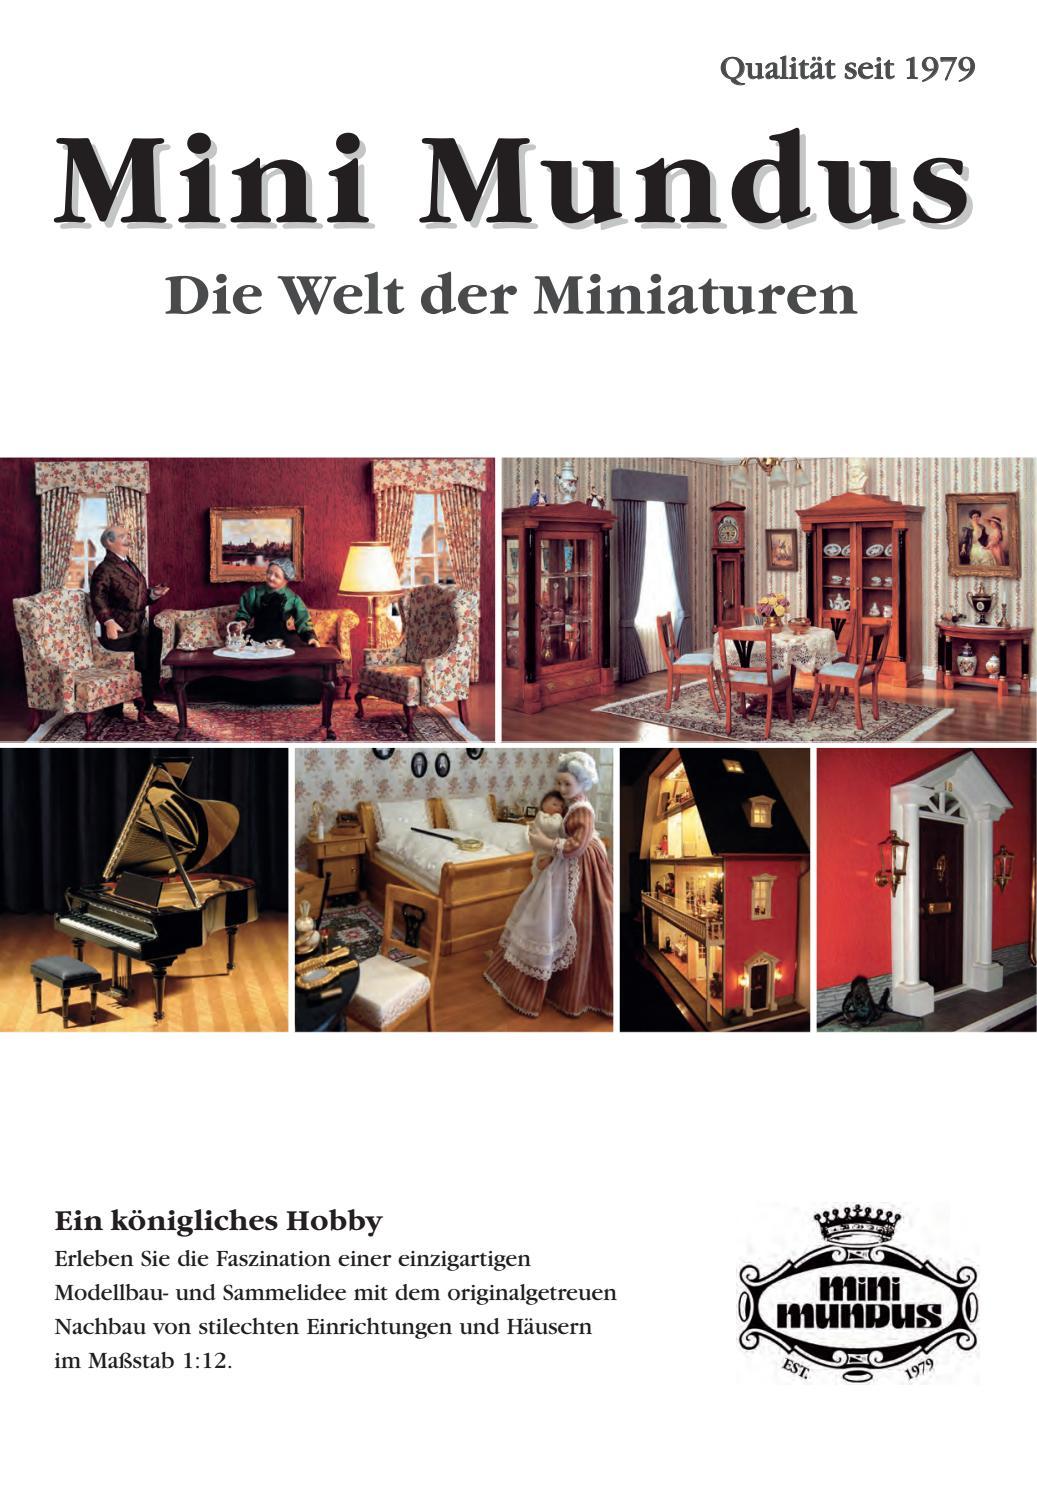 Mini Mundus Katalog by Mini Mundus - issuu